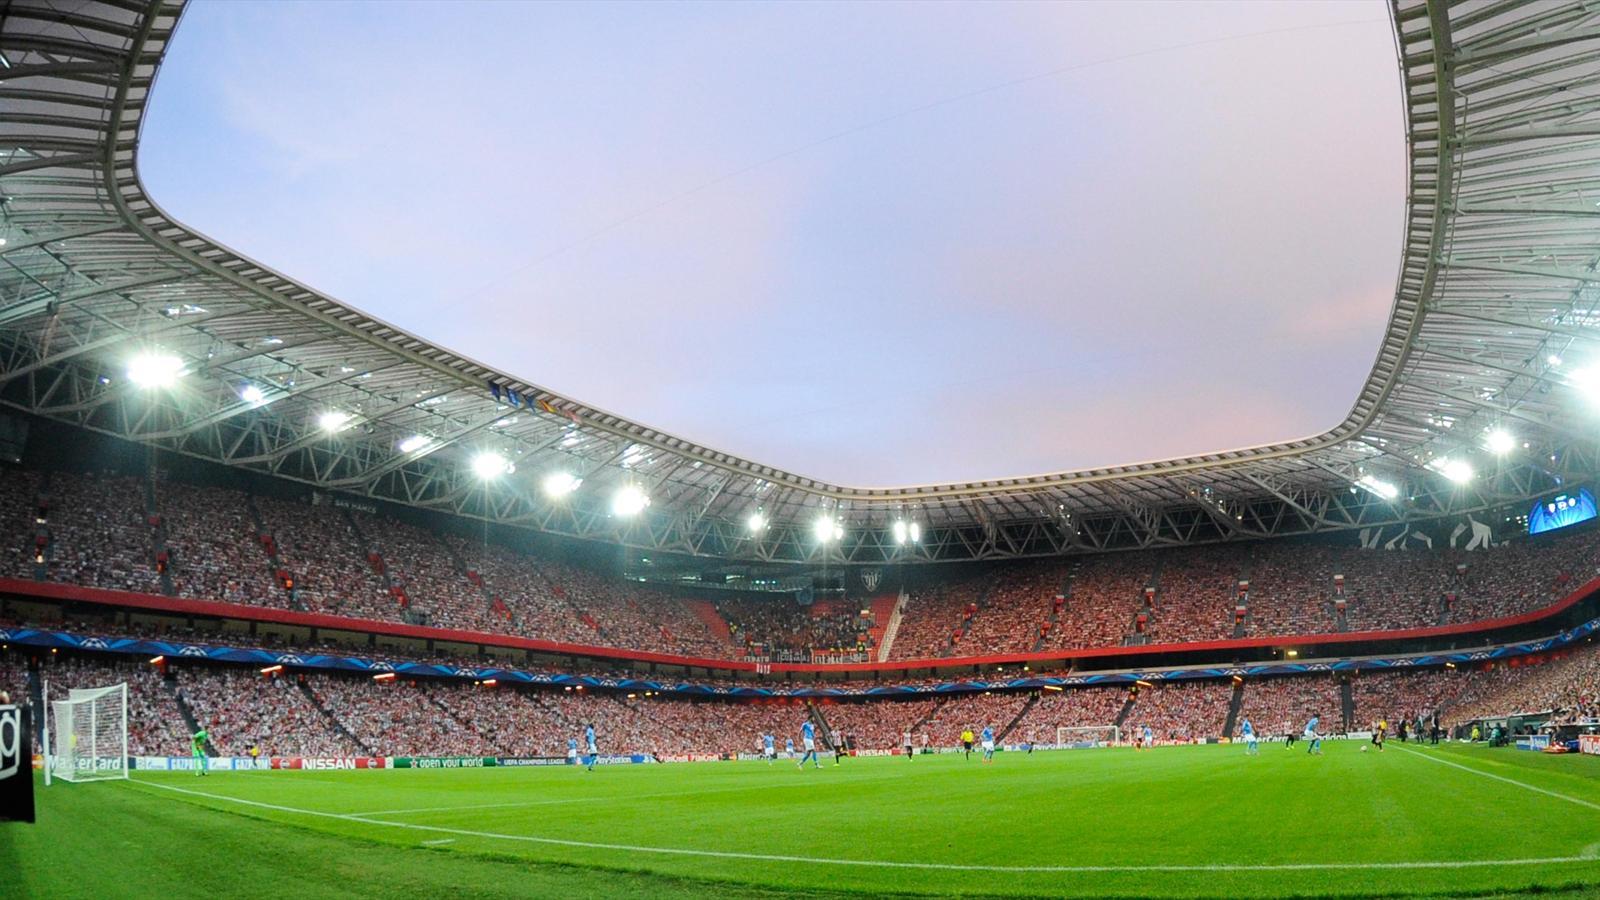 Champions cup bilbao candidat pour accueillir la finale - Coupe d europe 2000 finale ...